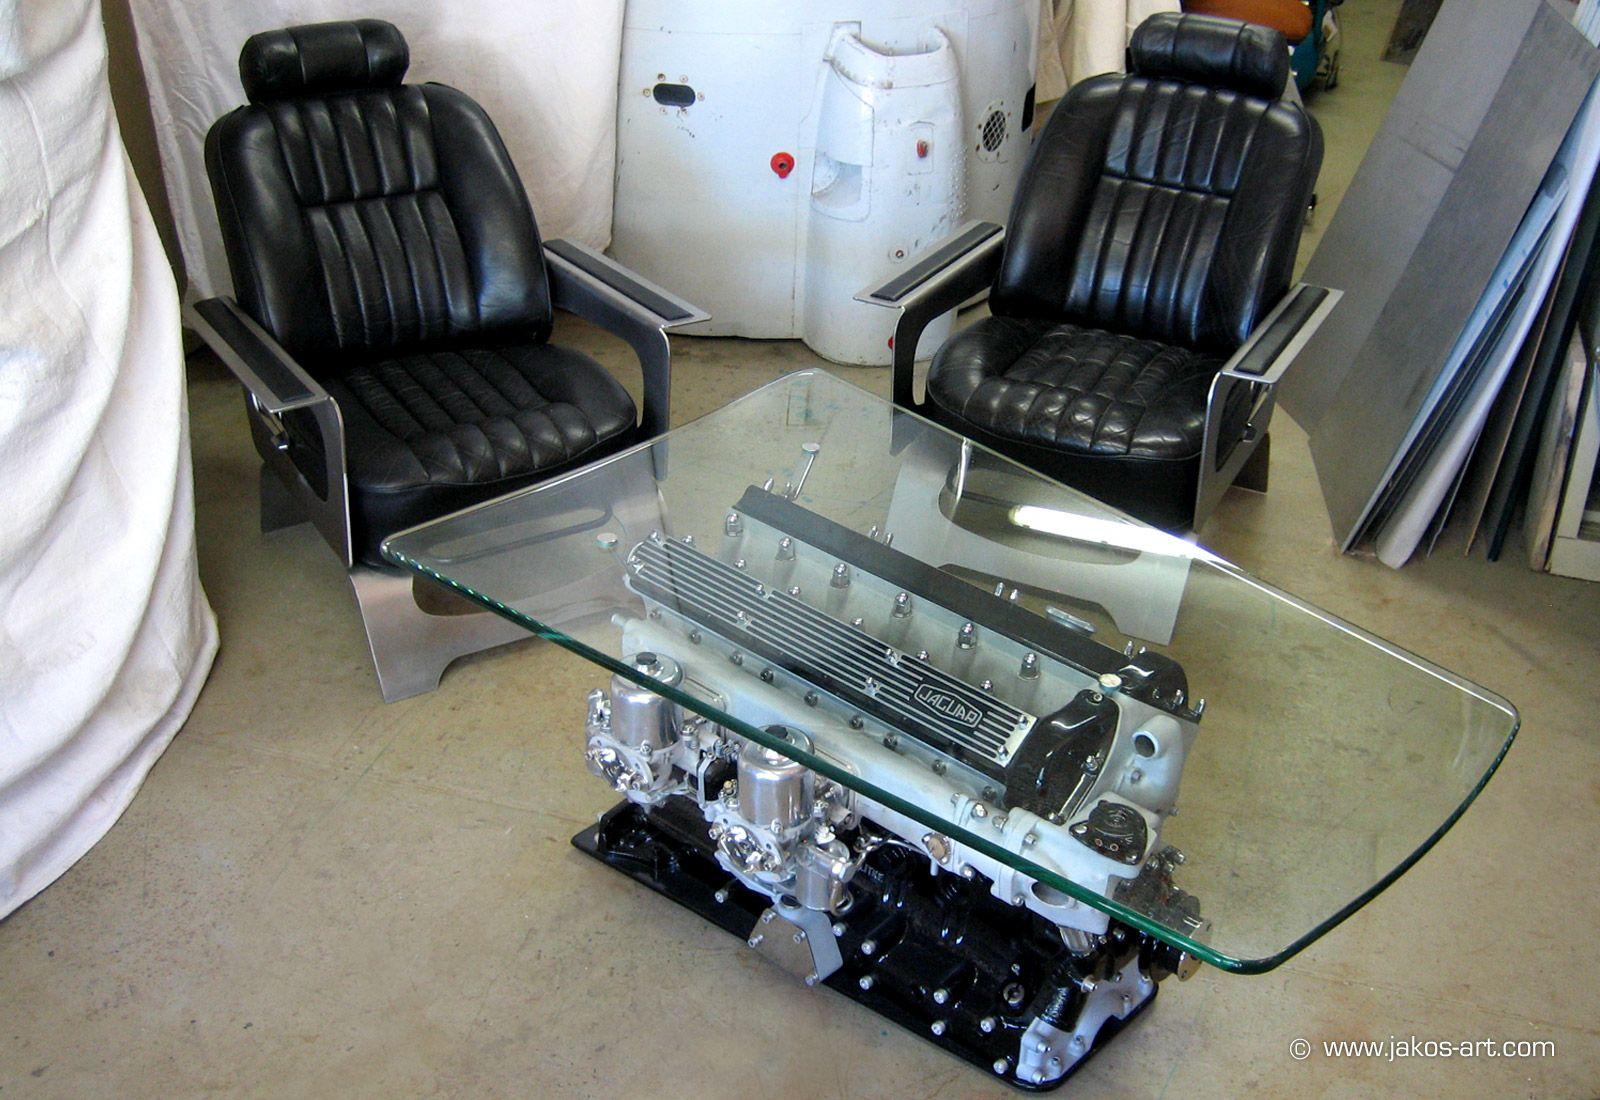 les 25 meilleures id es de la cat gorie table basse moteur sur pinterest table basse de moteur. Black Bedroom Furniture Sets. Home Design Ideas